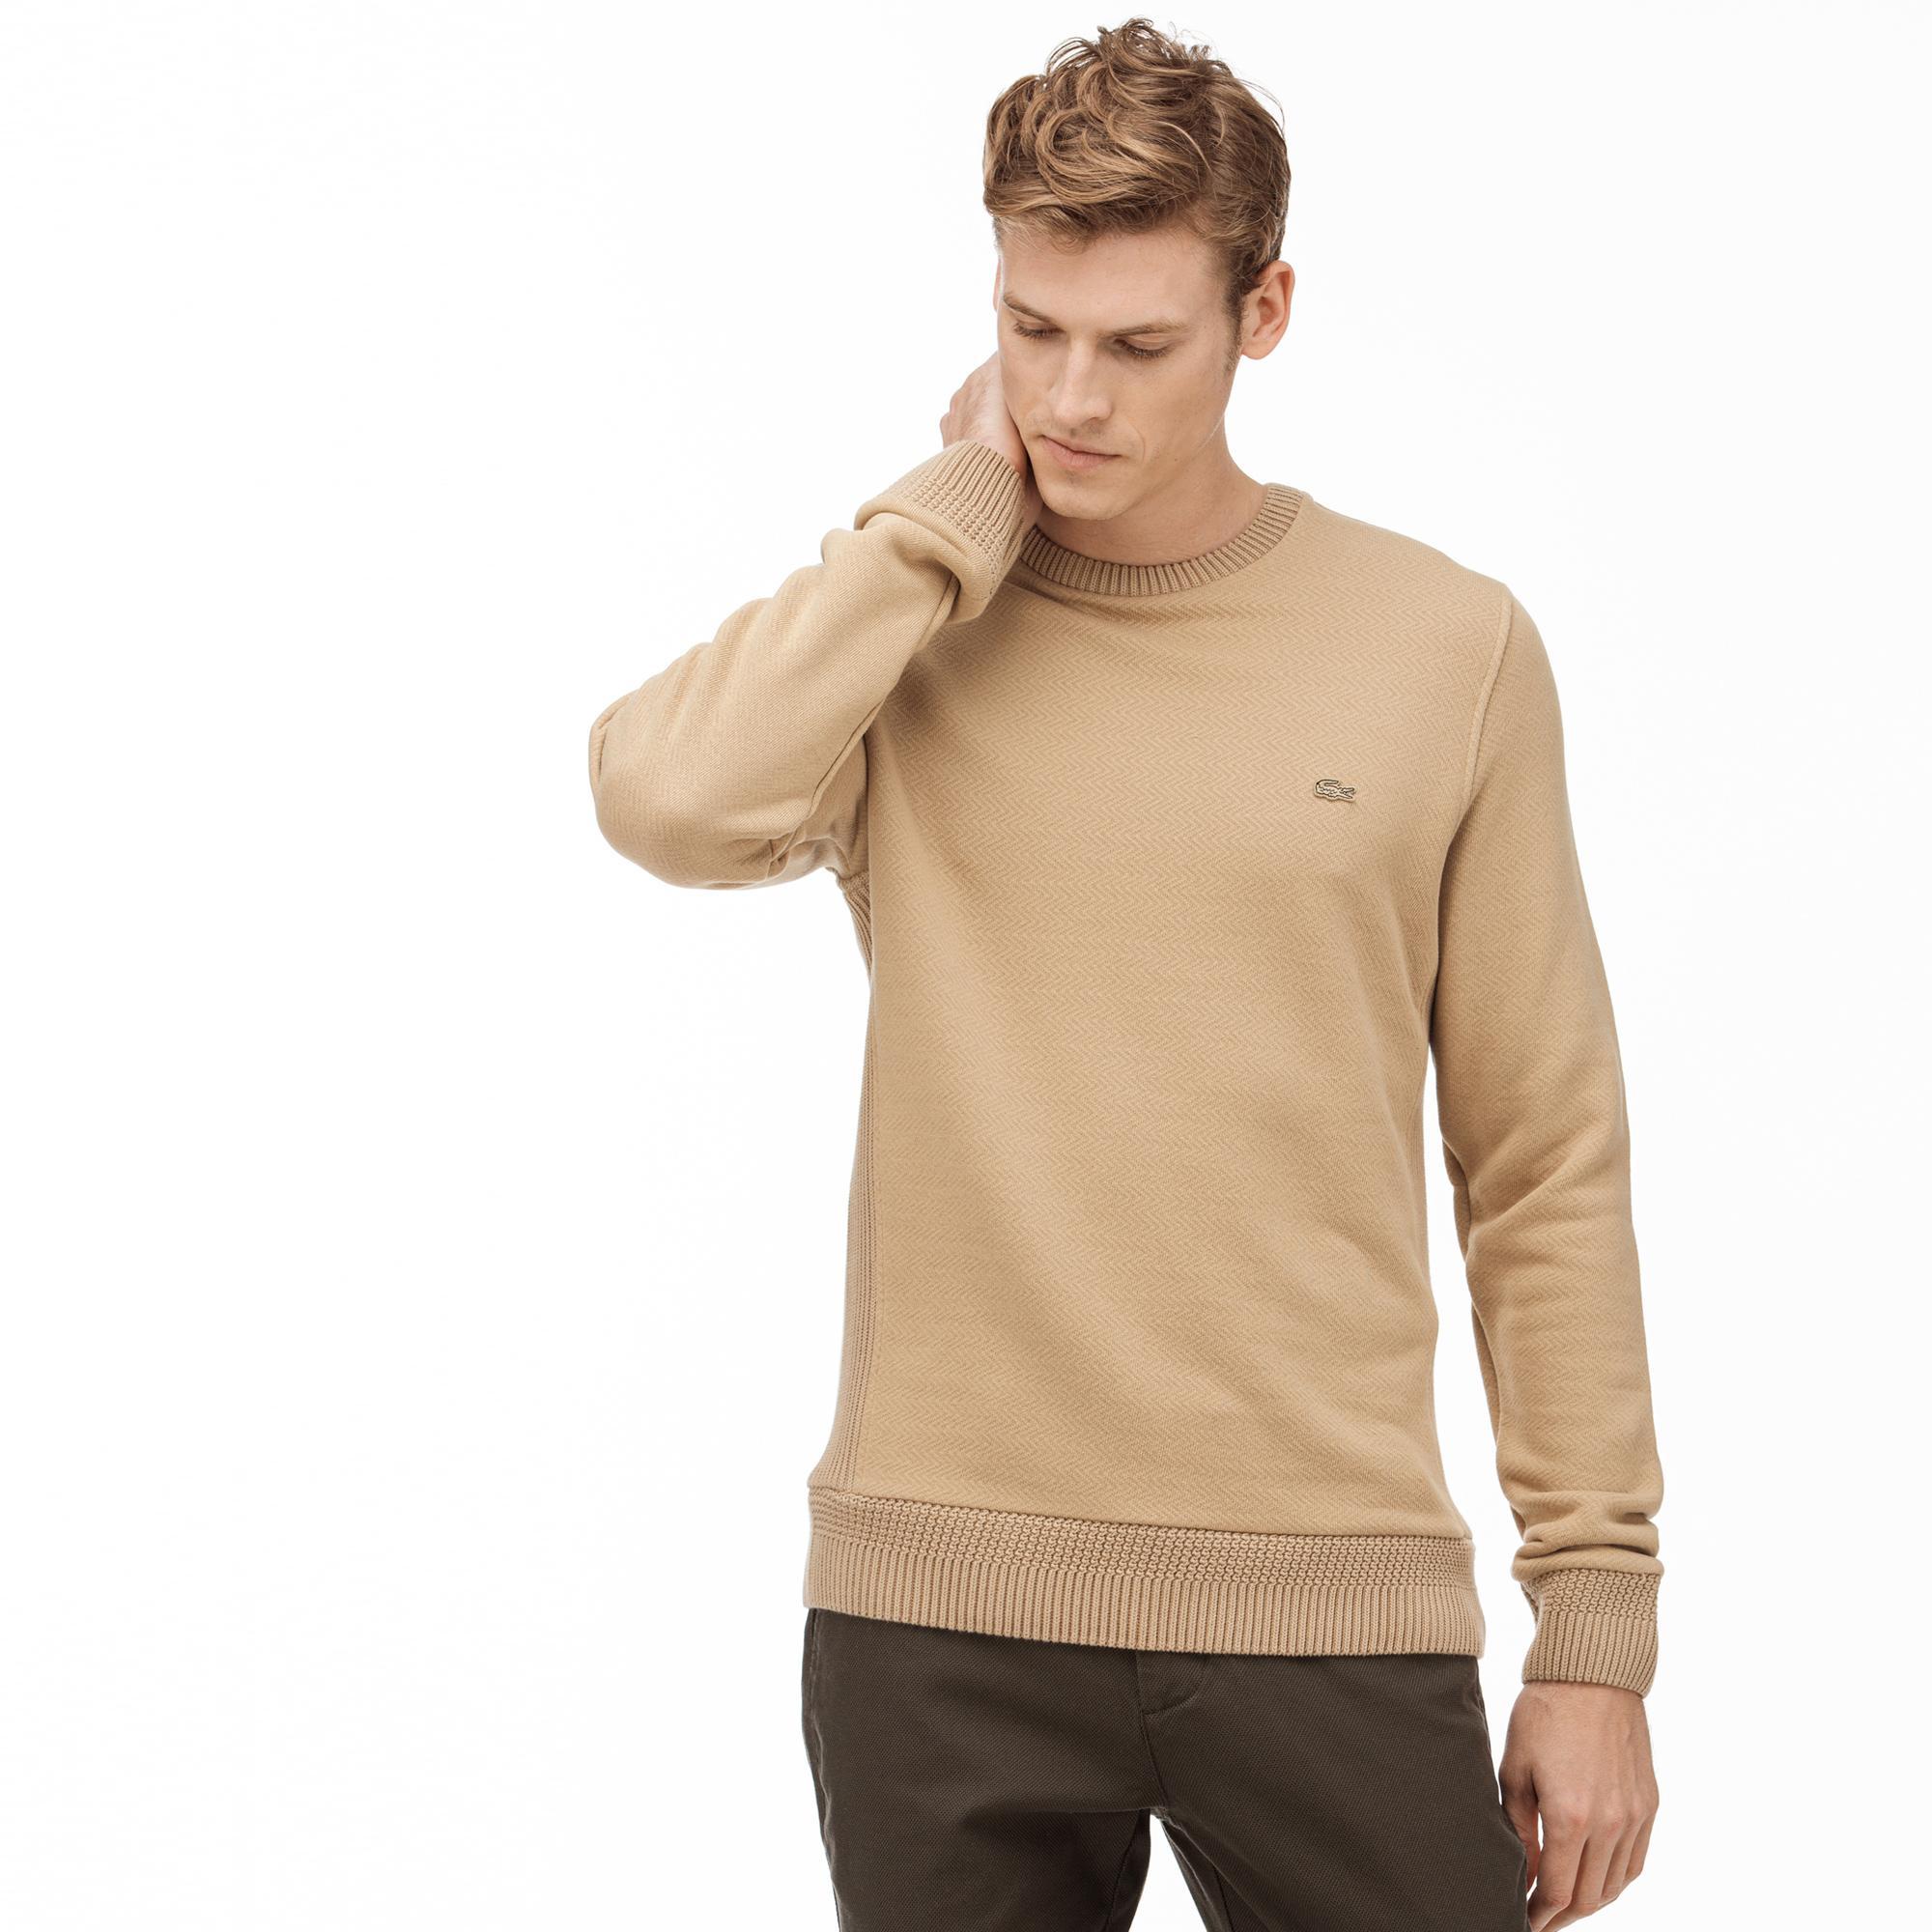 Lacoste Erkek Bej Sweatshirt